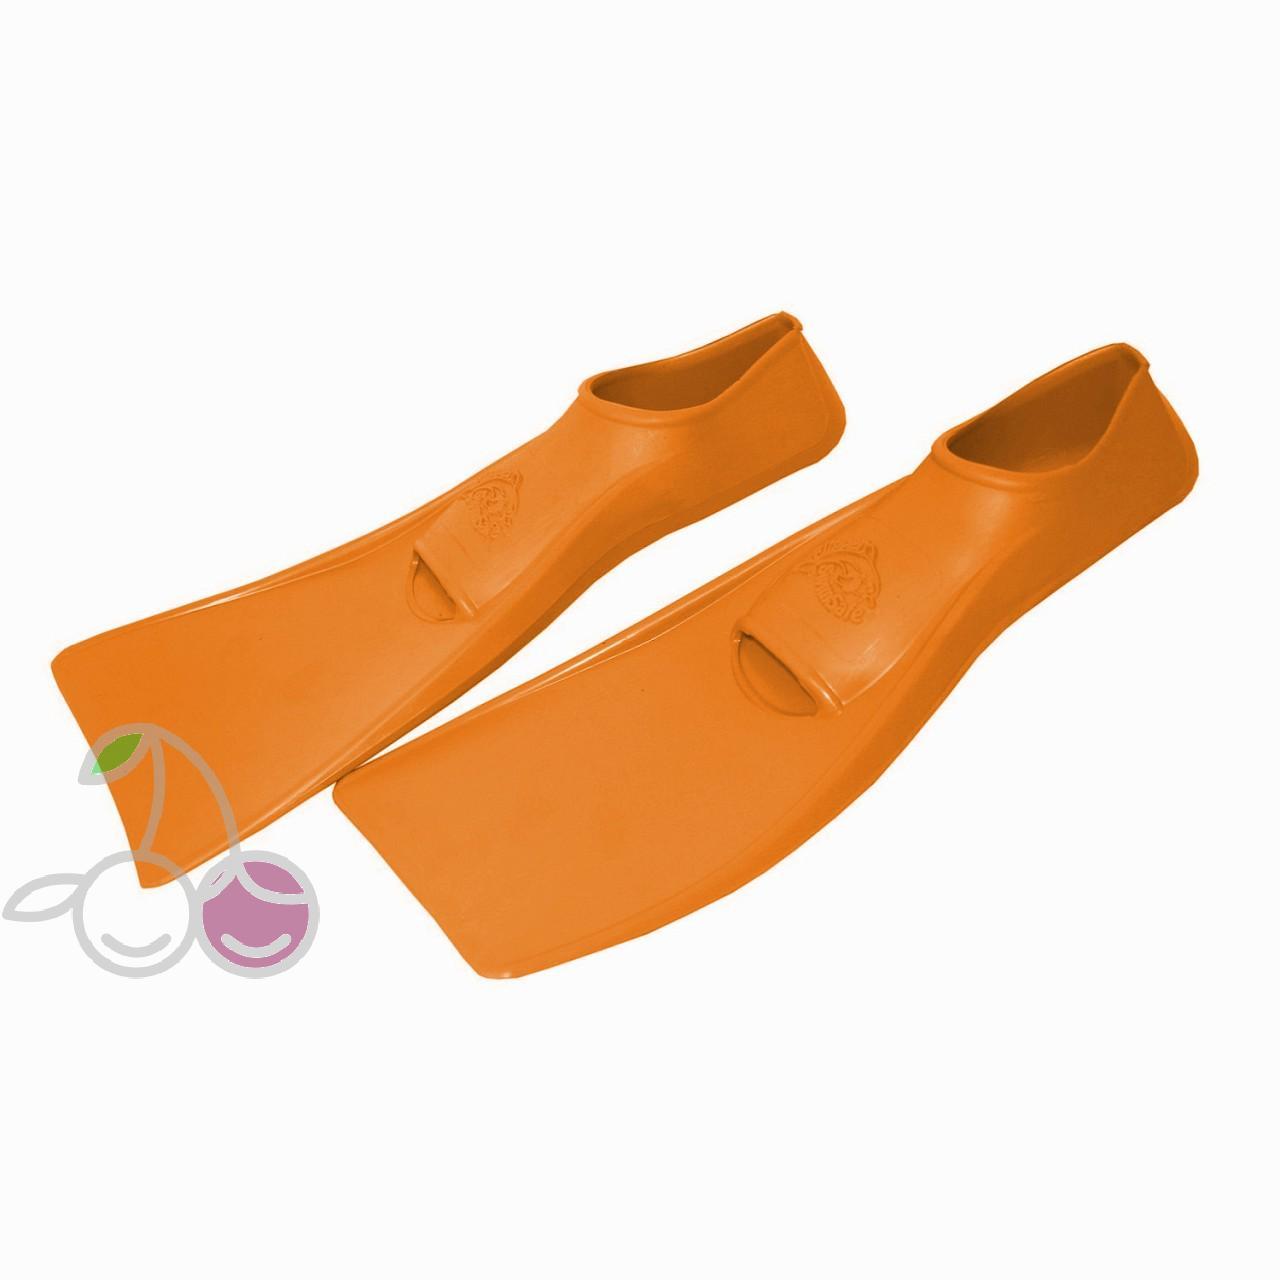 Ласты для бассейна резиновые детские размеры 21-22 оранжевые ПРОПЕРКЭРРИ (ProperCarry), - фото 2